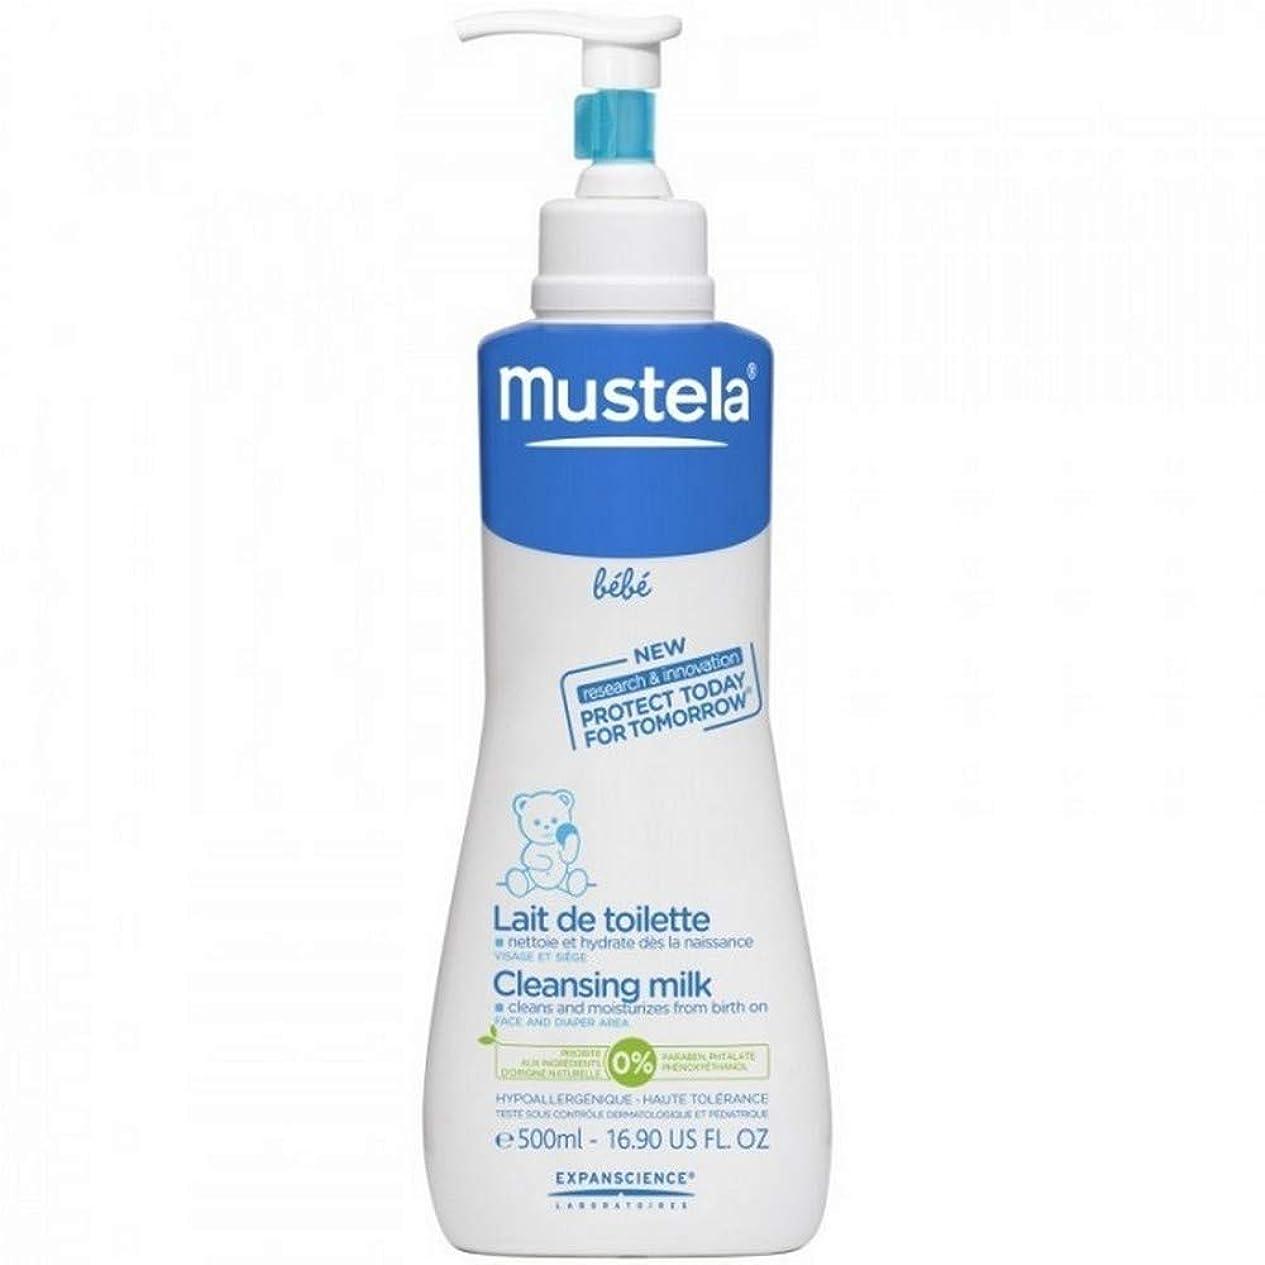 液体援助する車ムステラ クレンジングミルク 8010543 500ml/16.7並行輸入品